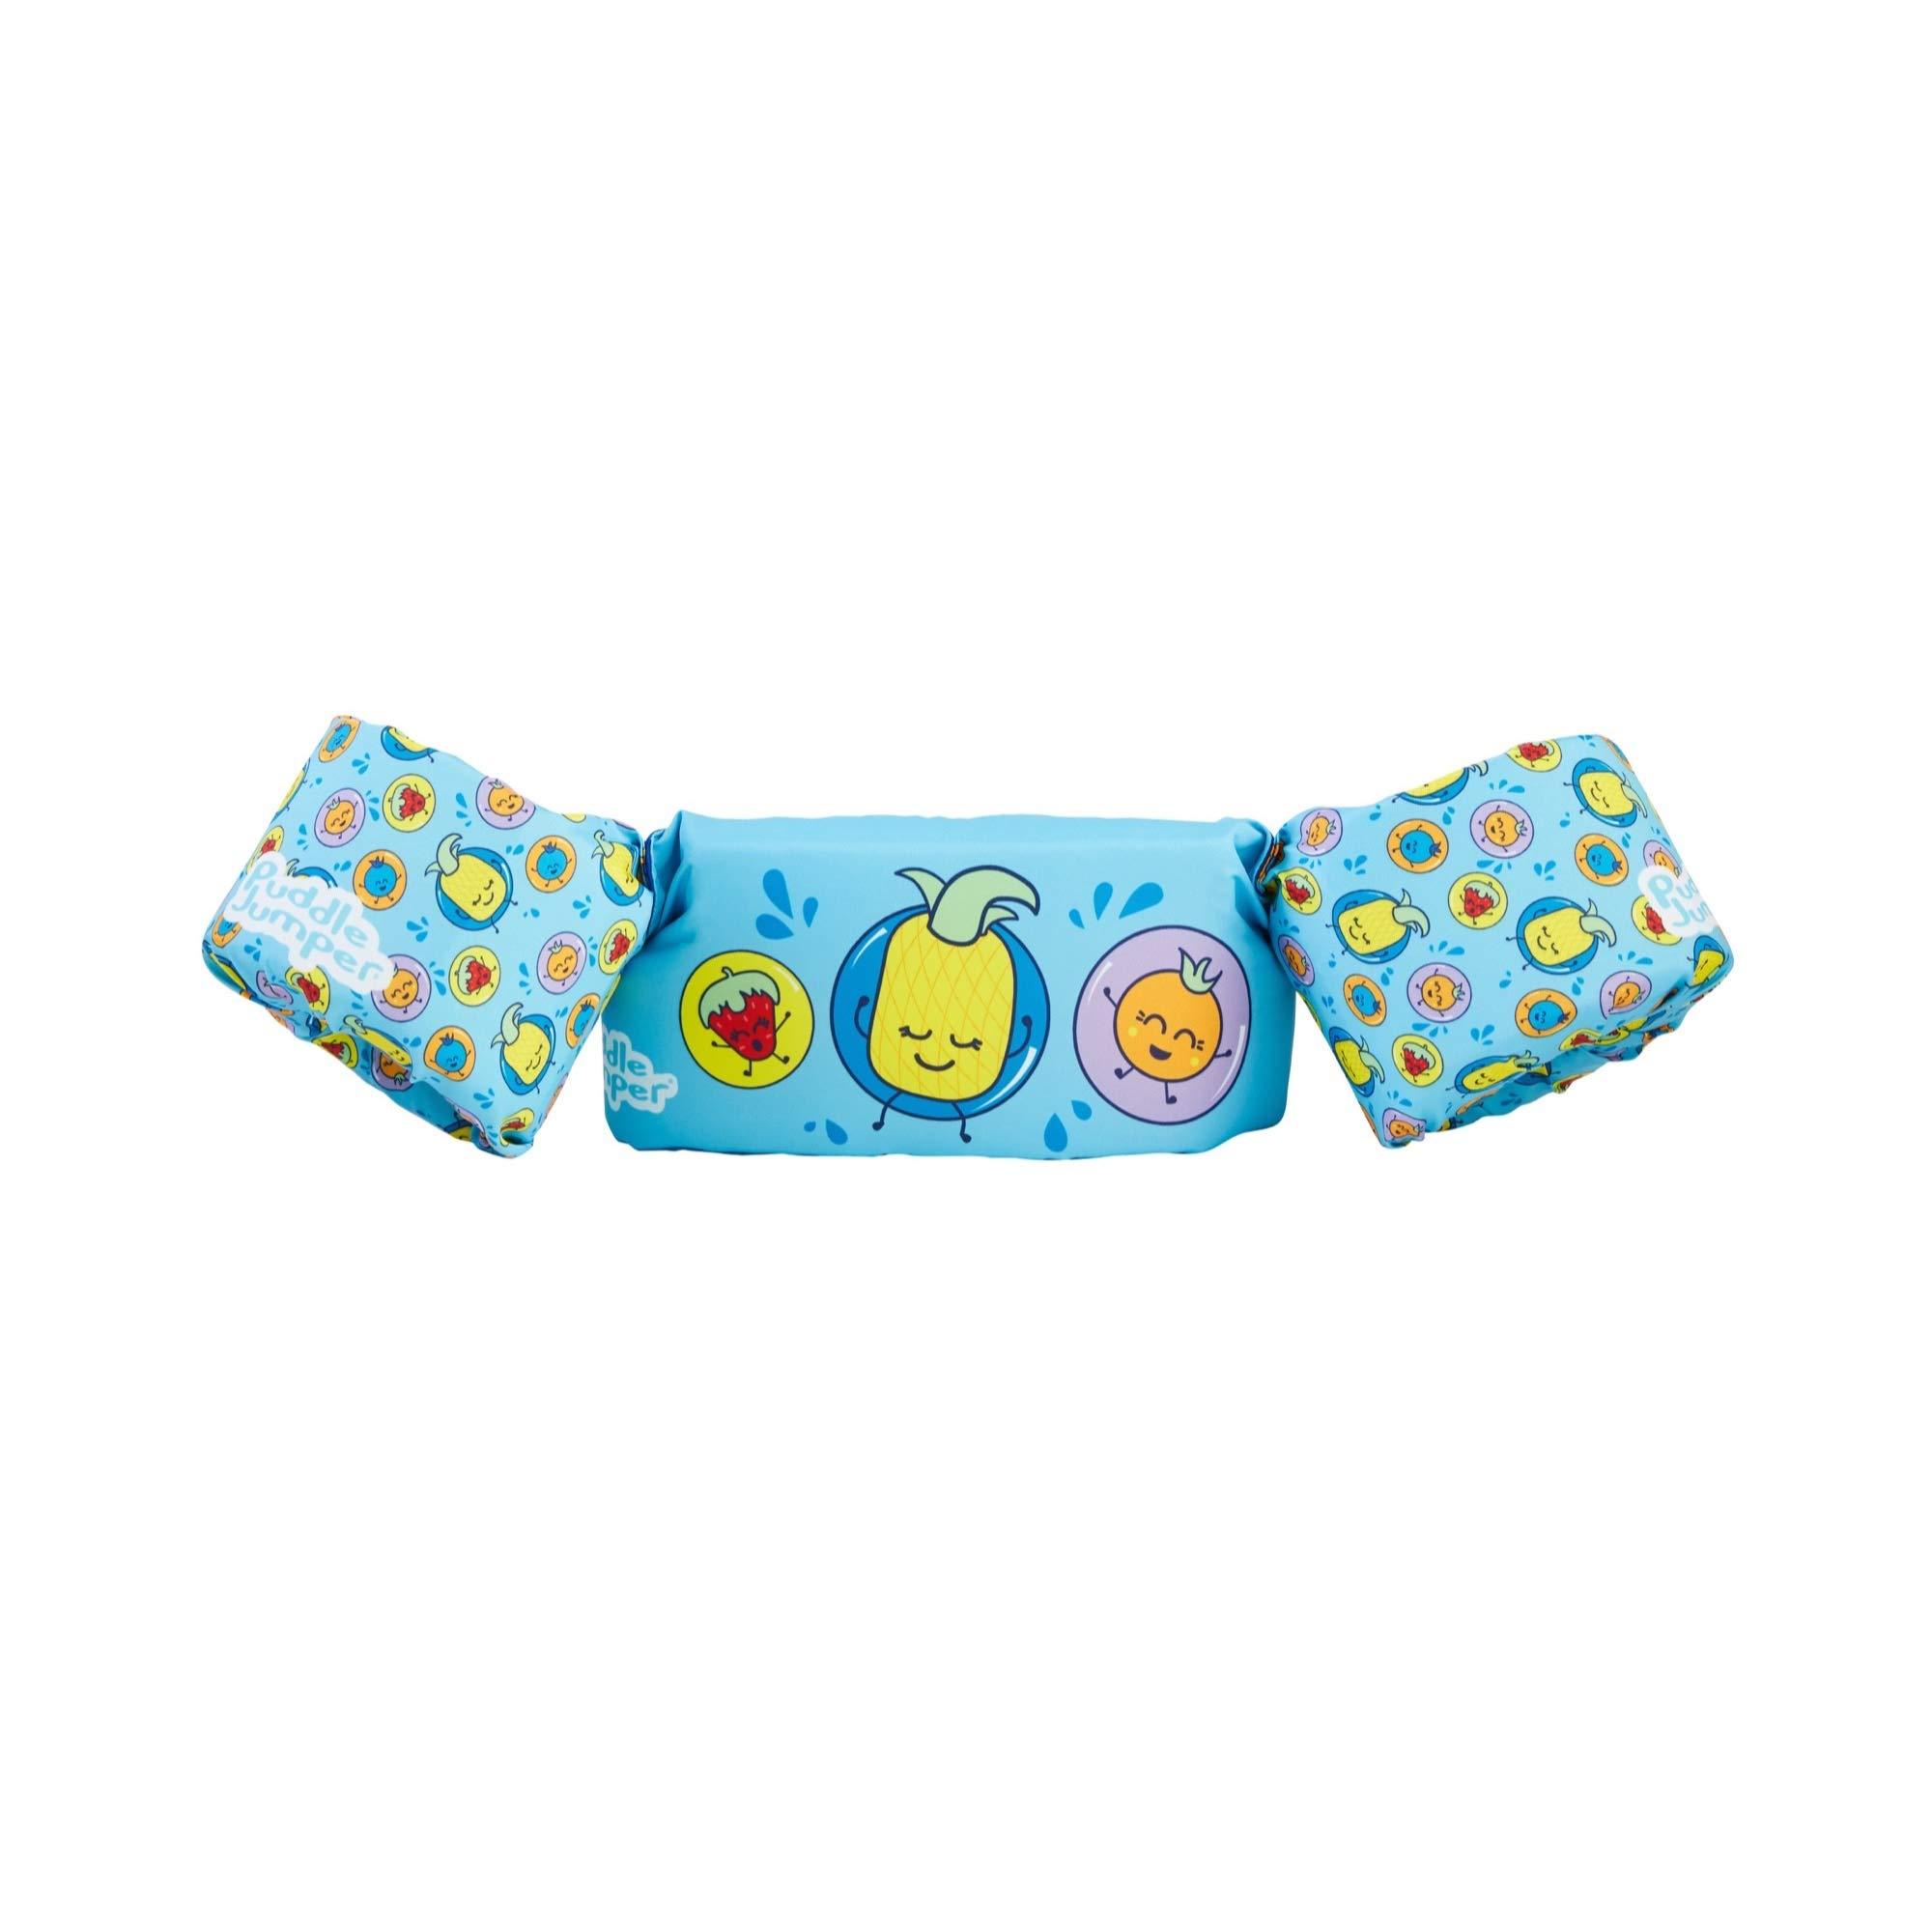 Stearns Puddle Jumper Kids Life Jacket | Life Vest for Children, Pineapple, 30-50 Pounds